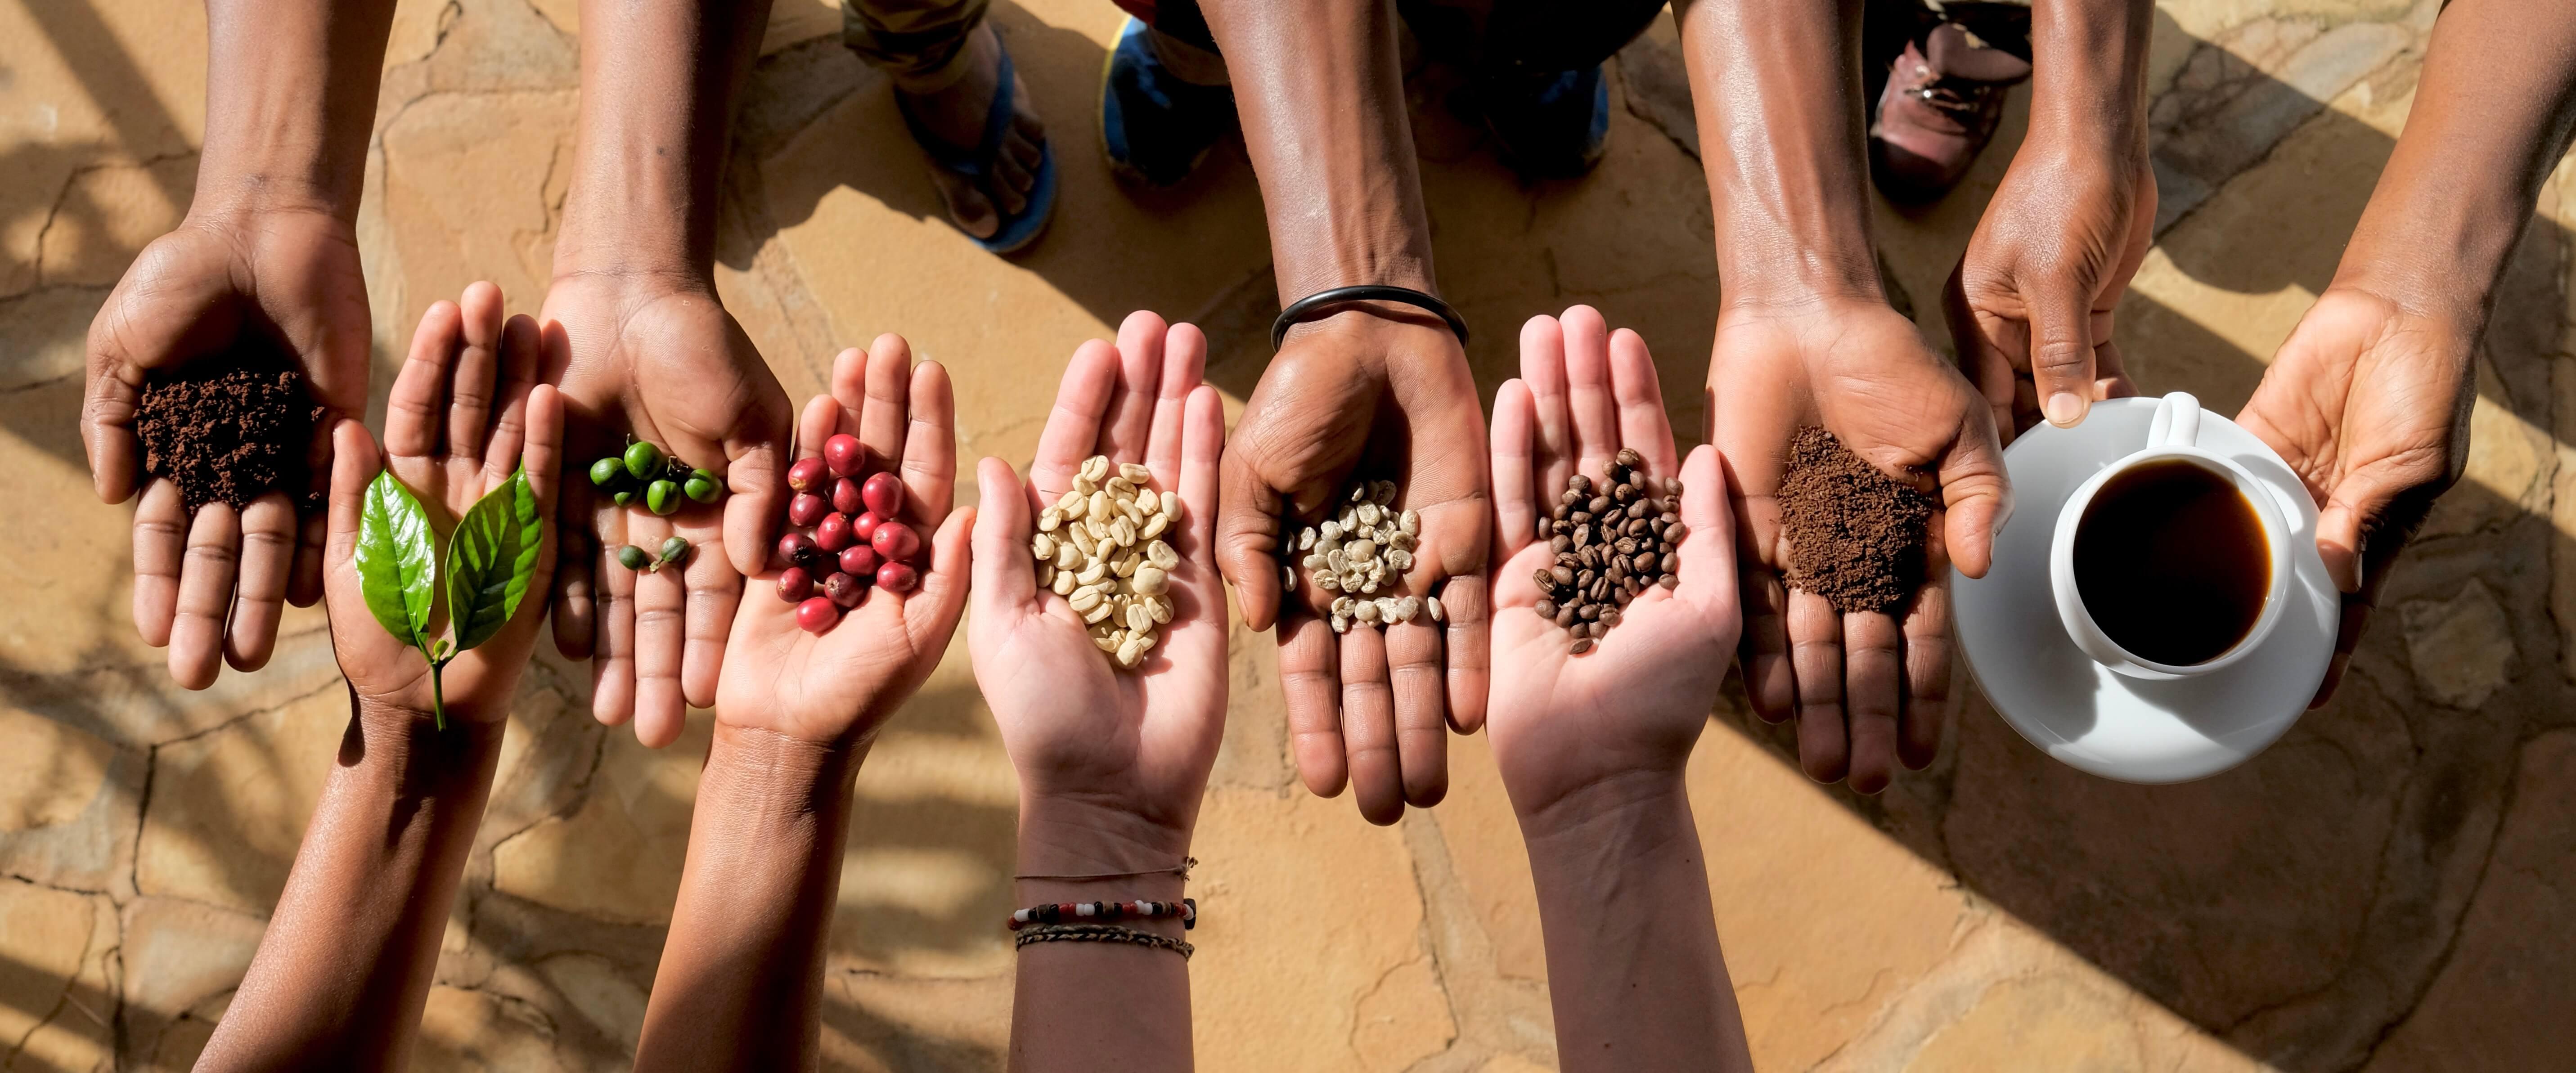 Kaffe fra jord til bord: Vi går meget op i at vi har fuld kontrol over kaffens rejse fra den er en lille kaffeplante, til der står en færdig  kop kaffe på bordet